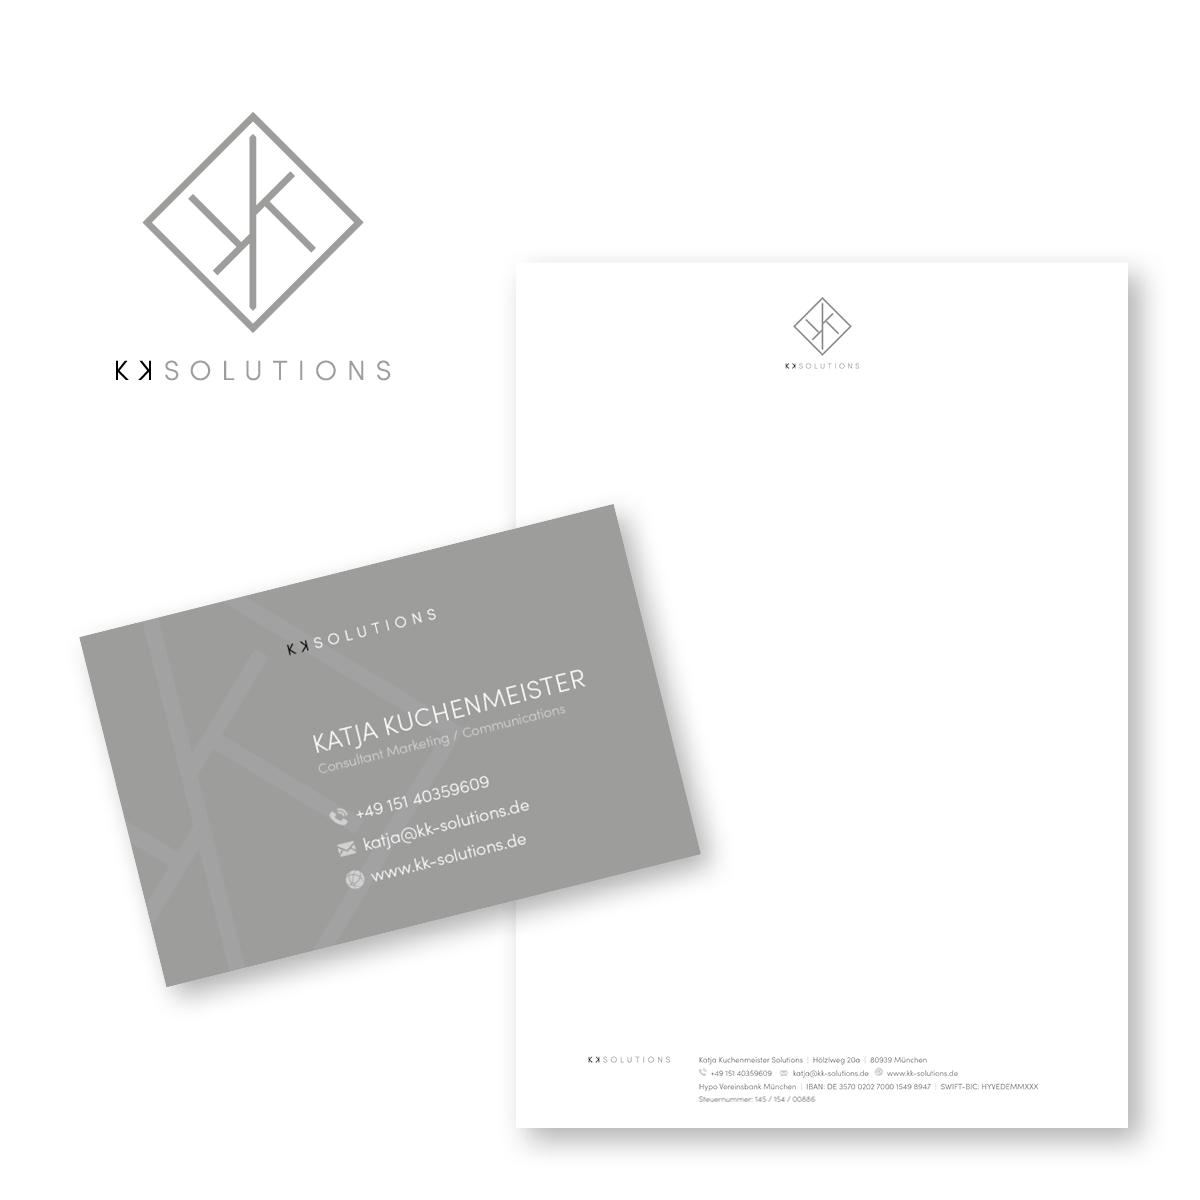 Design_Web_Bilder4